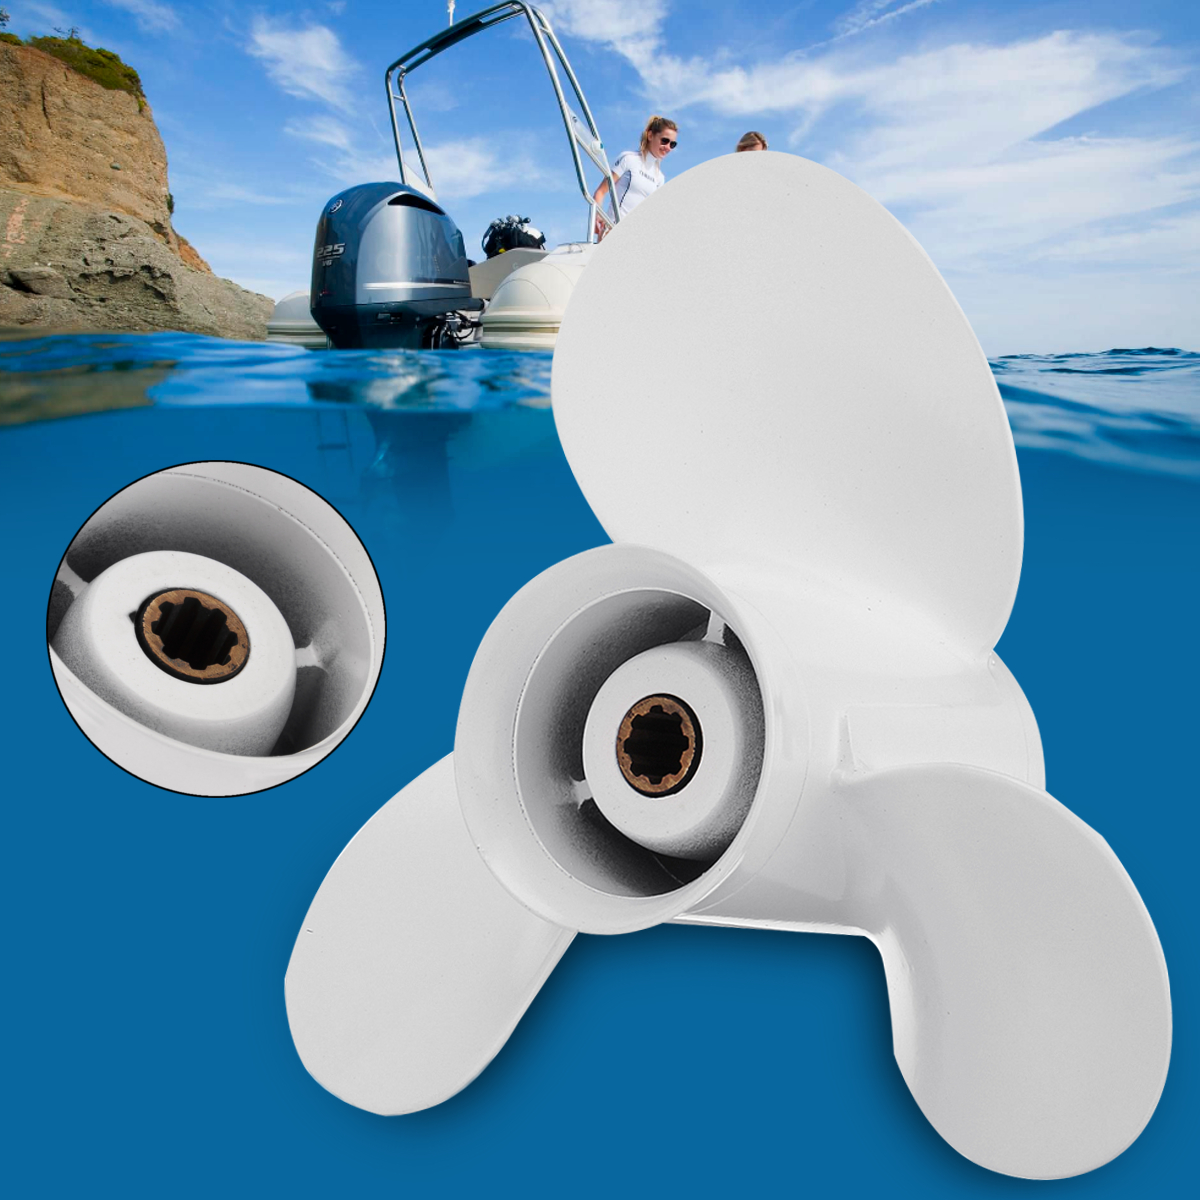 63V-45945-00-EL 9 1/4x10 Barca Fuoribordo Elica Per Yamaha 9.9-15HP Bianco 3 Lame In Lega di Alluminio 8 Spline dente R-di Rotazione